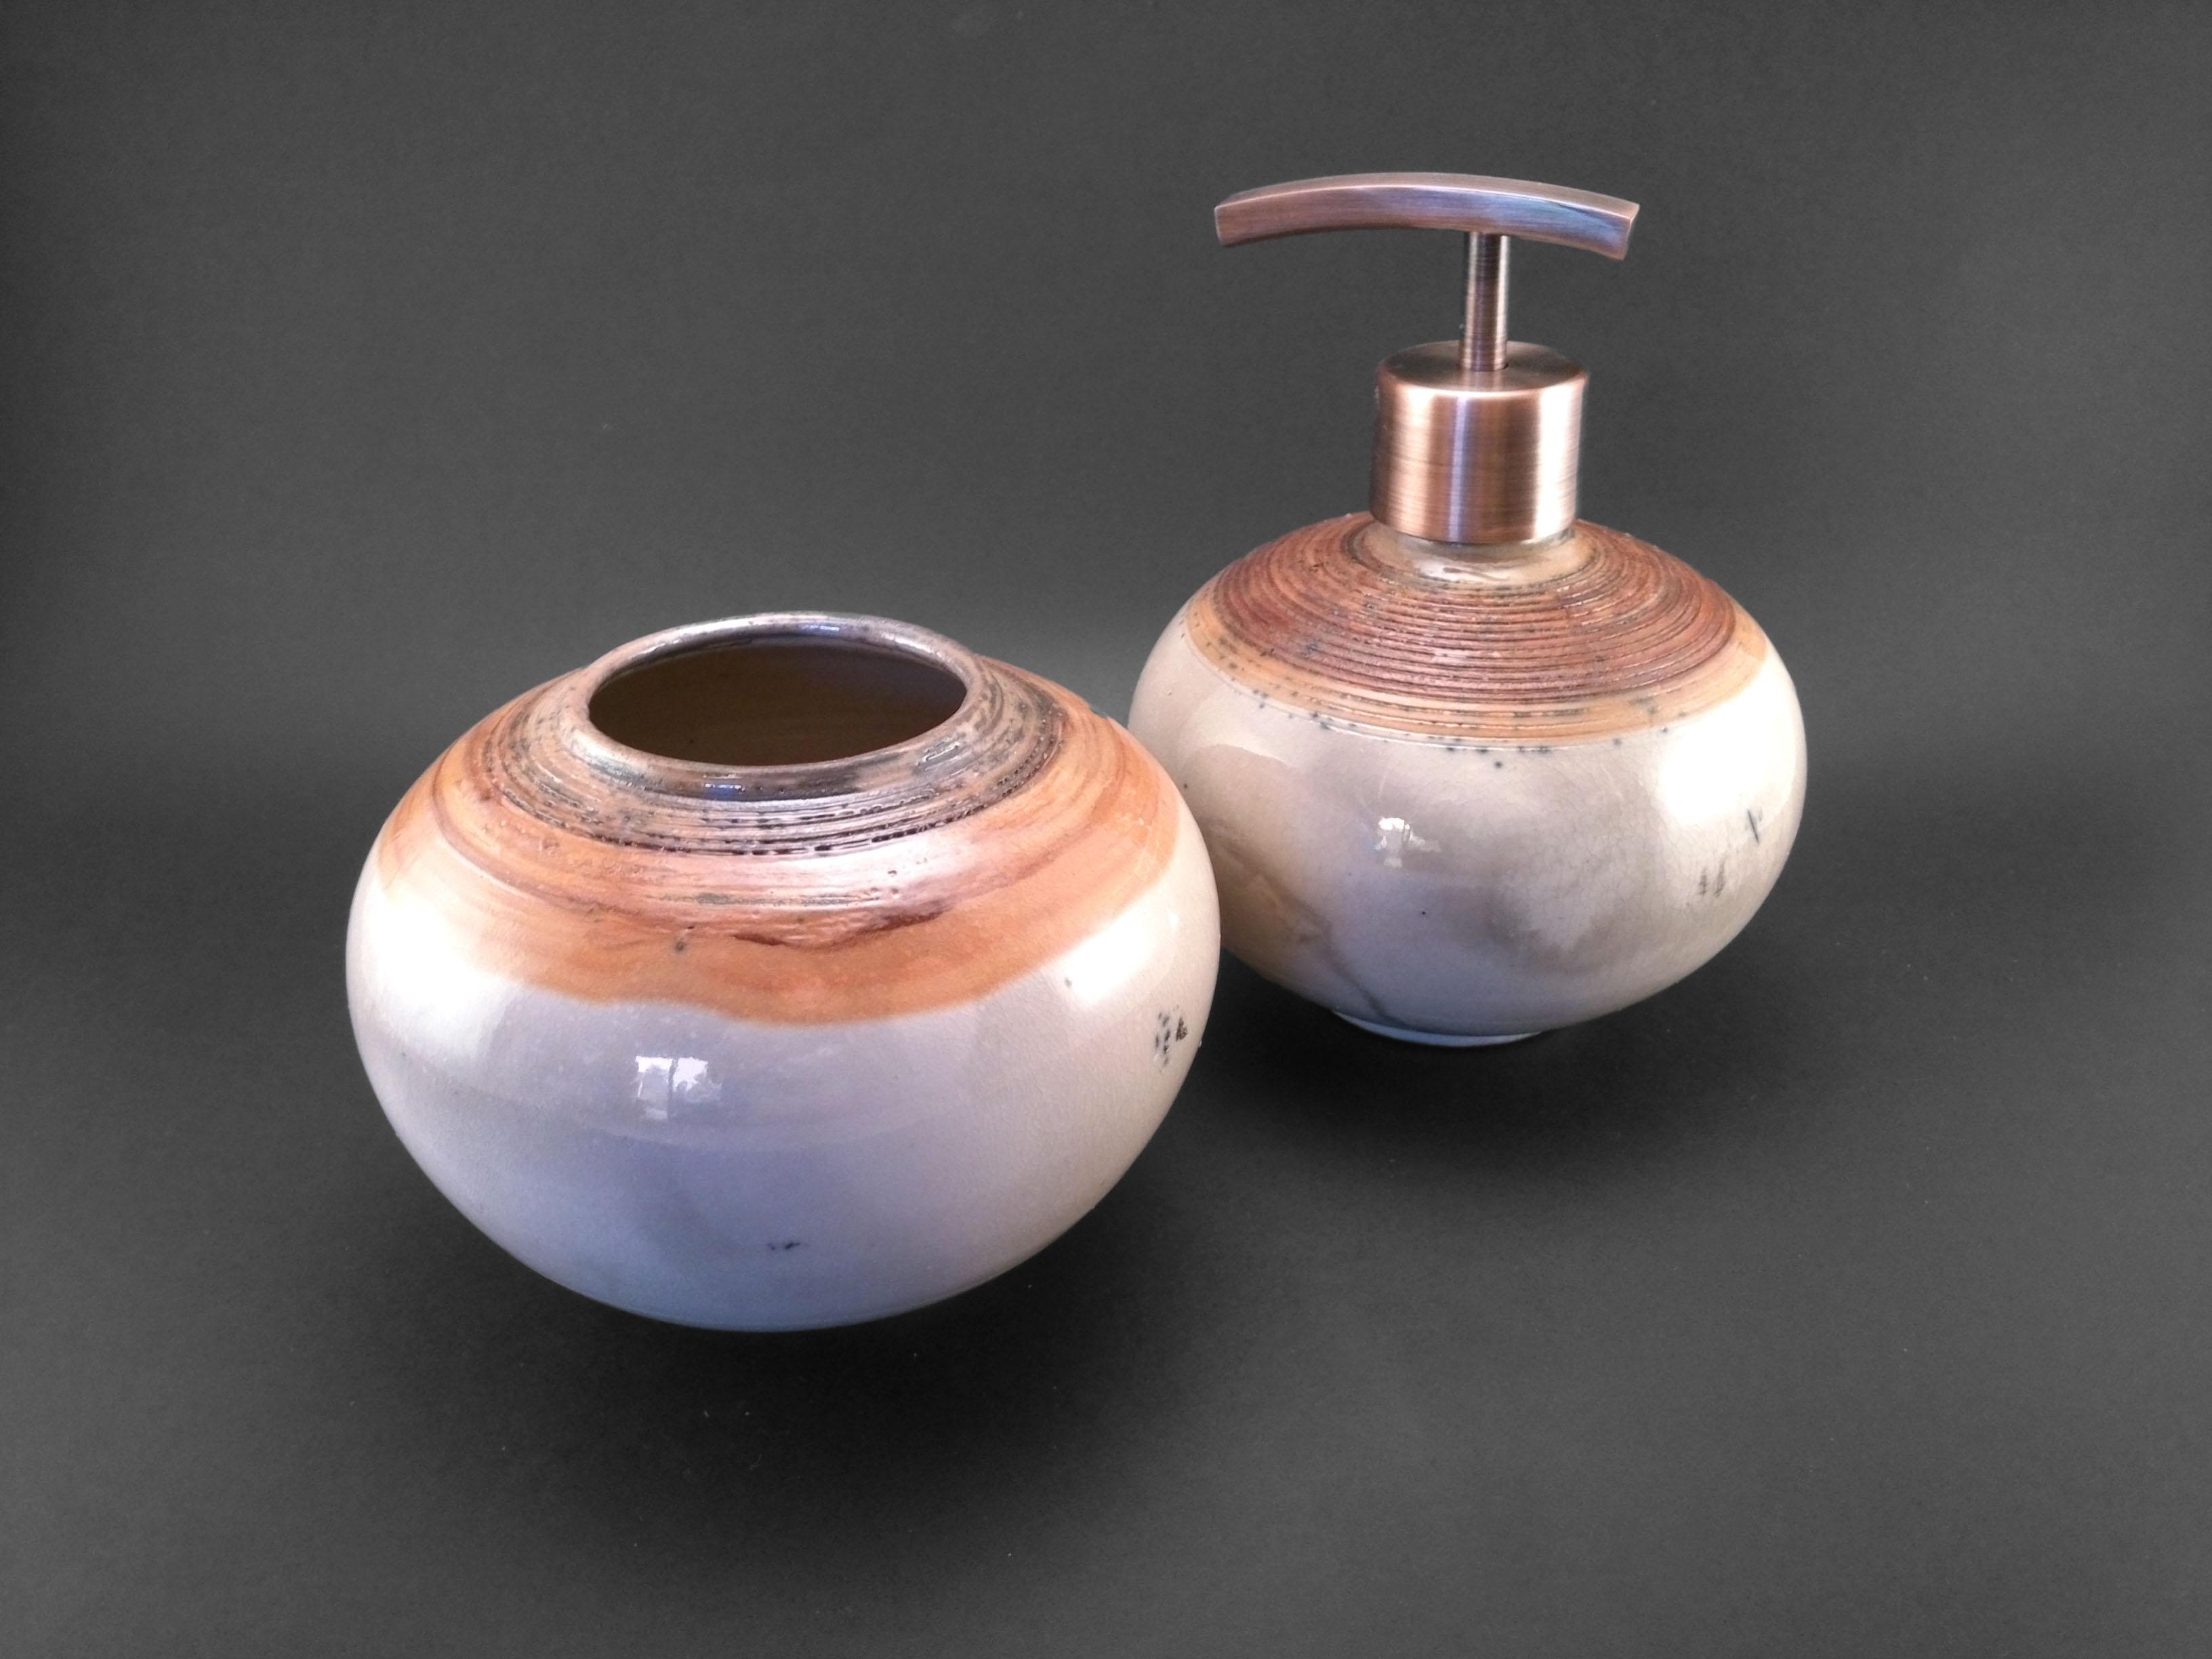 Copper Bathroom Set - Ildikó Károlyi